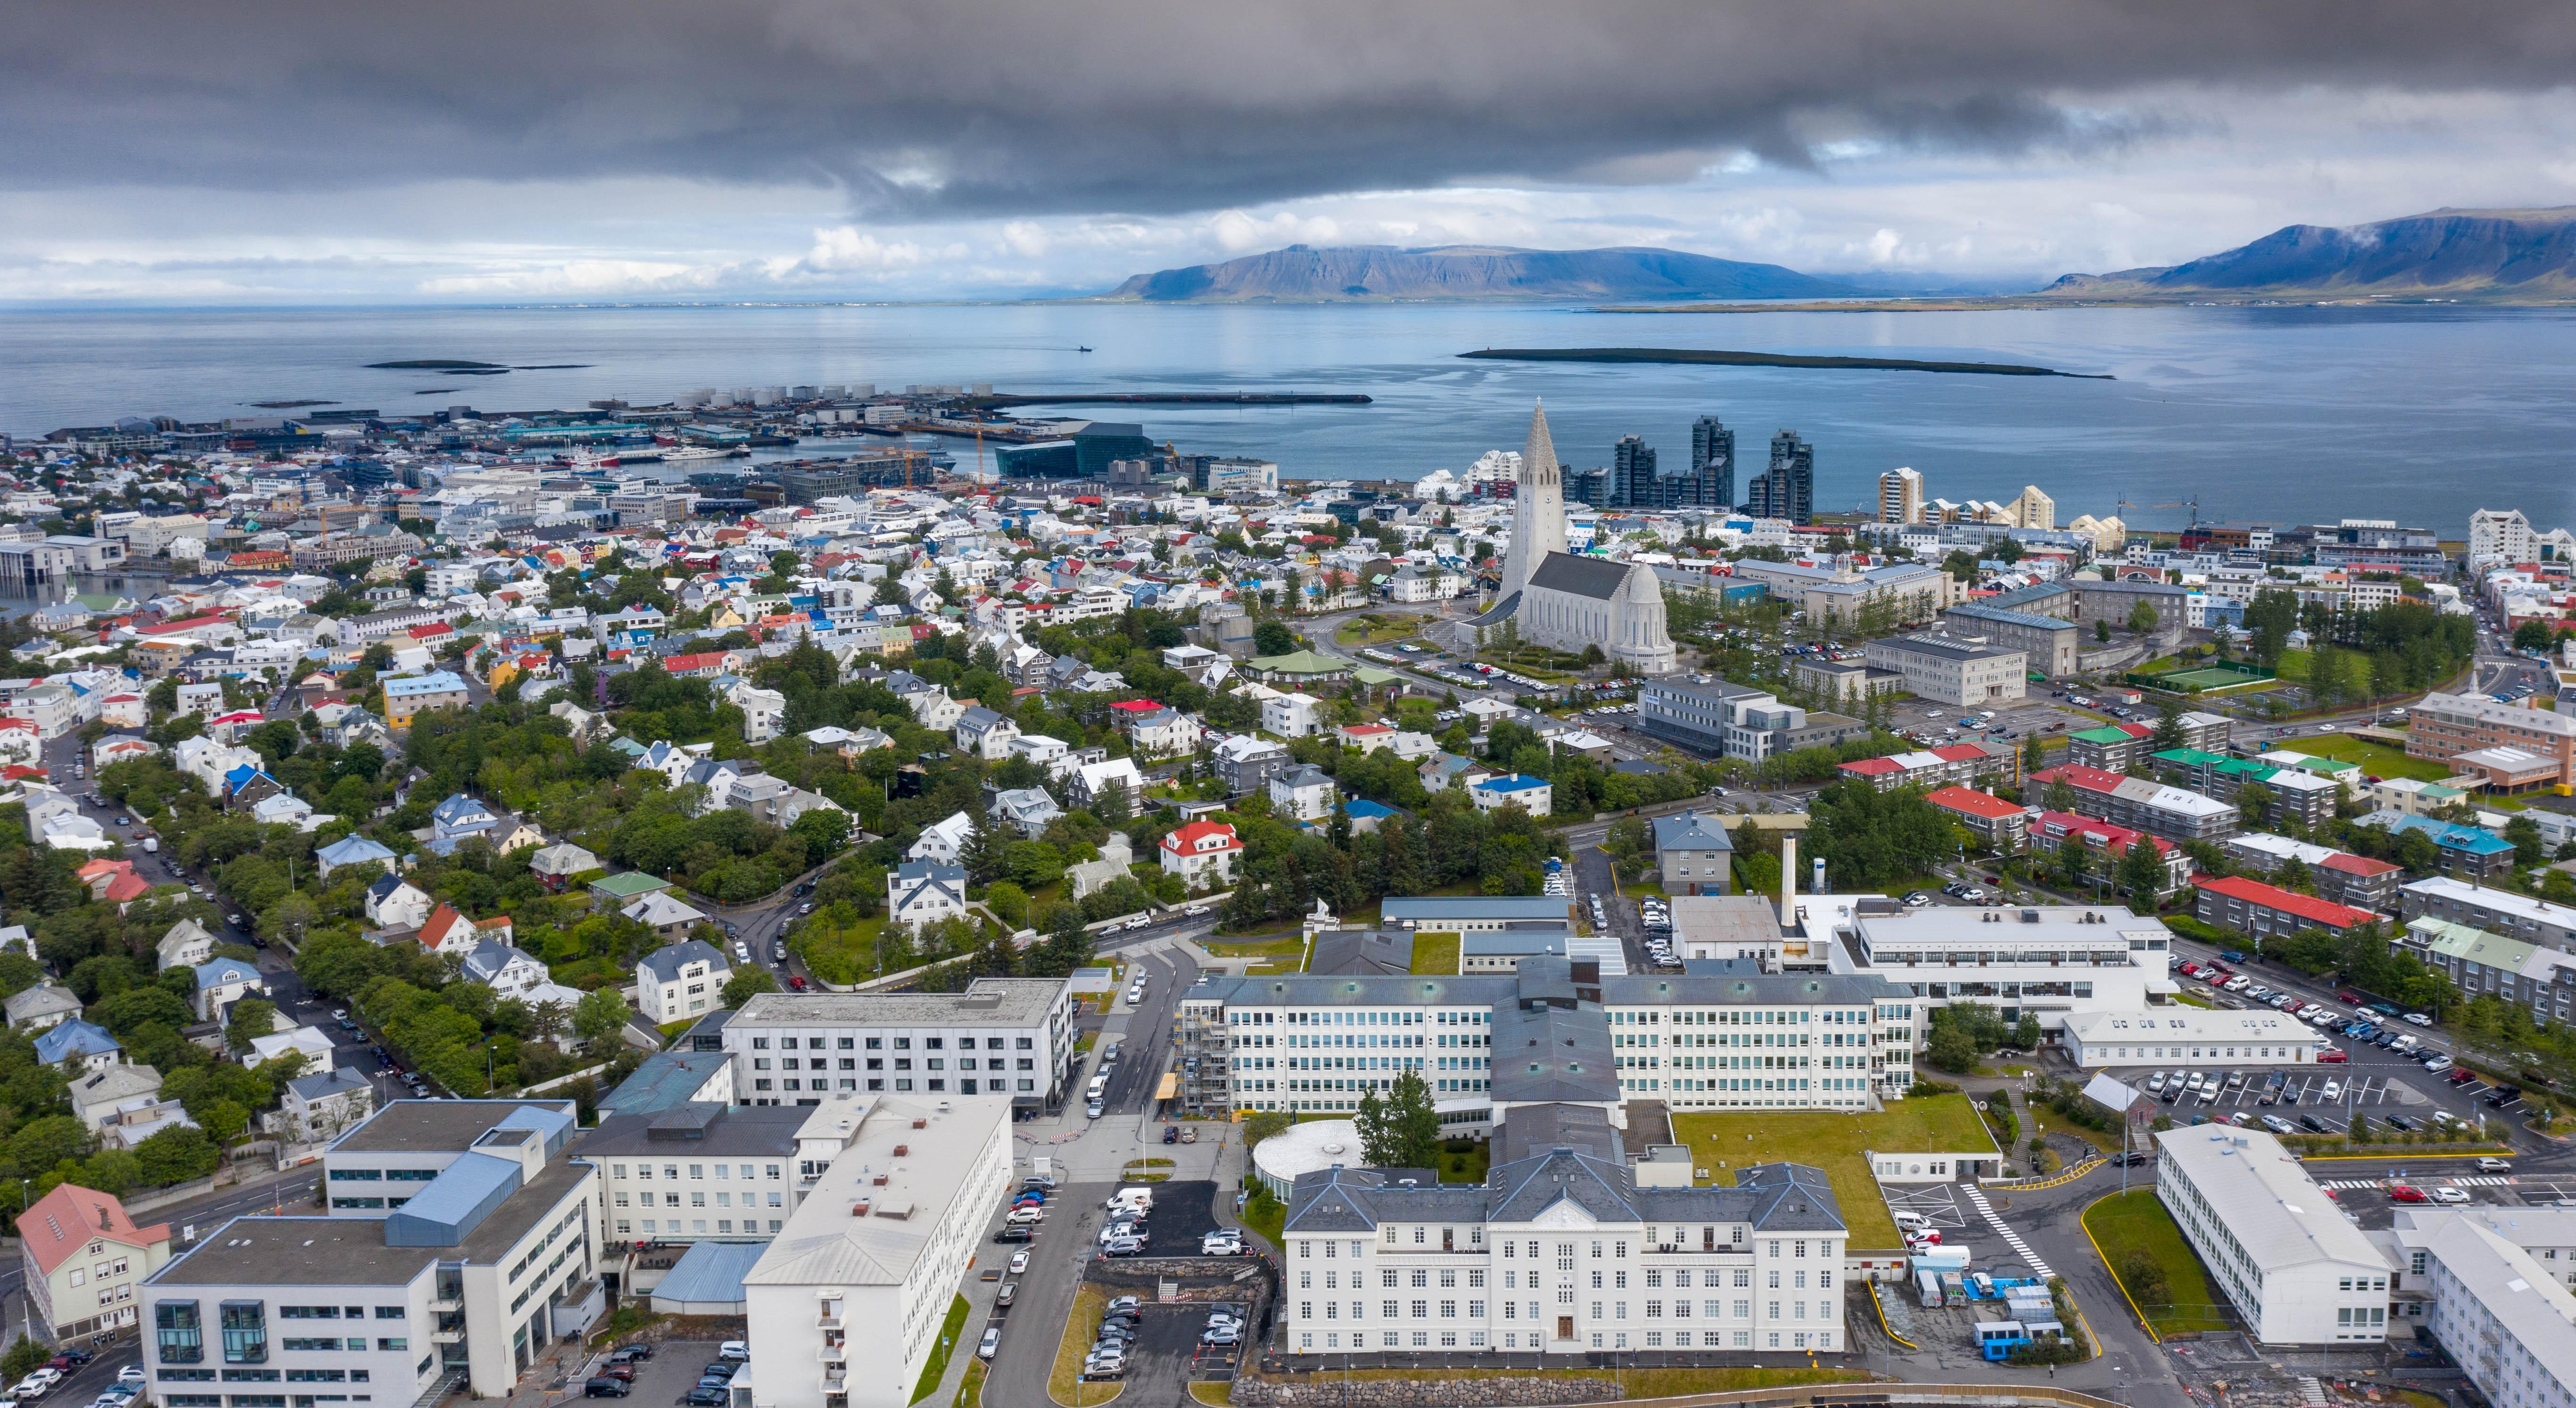 Areal photo of Reykjavík